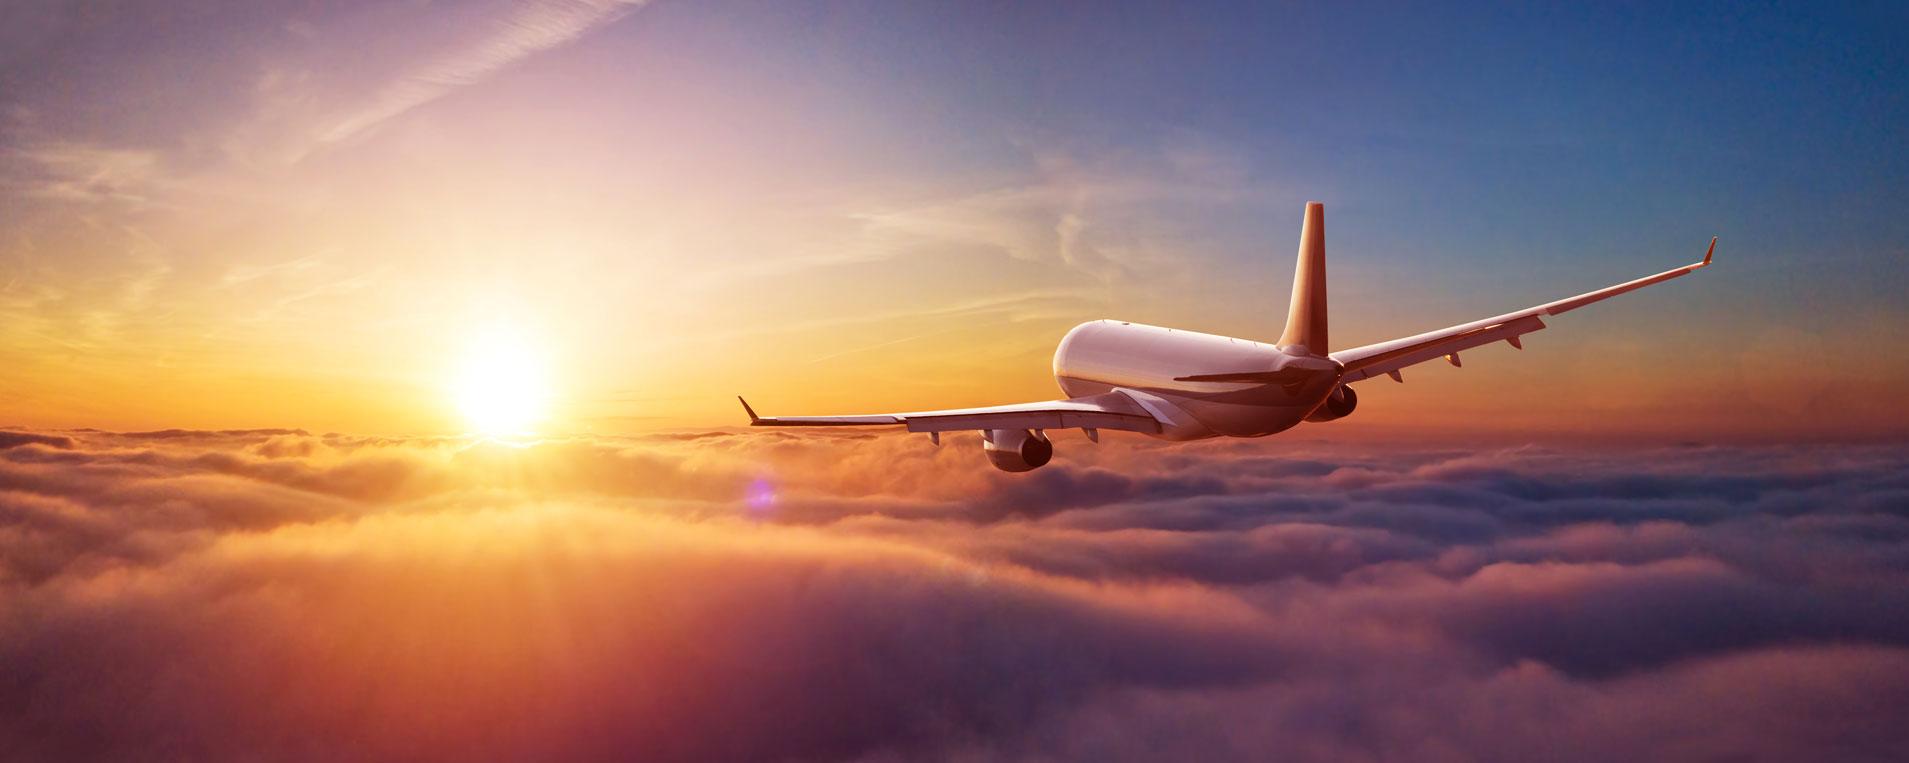 Sen dünyanın neresine uçmak istersin?